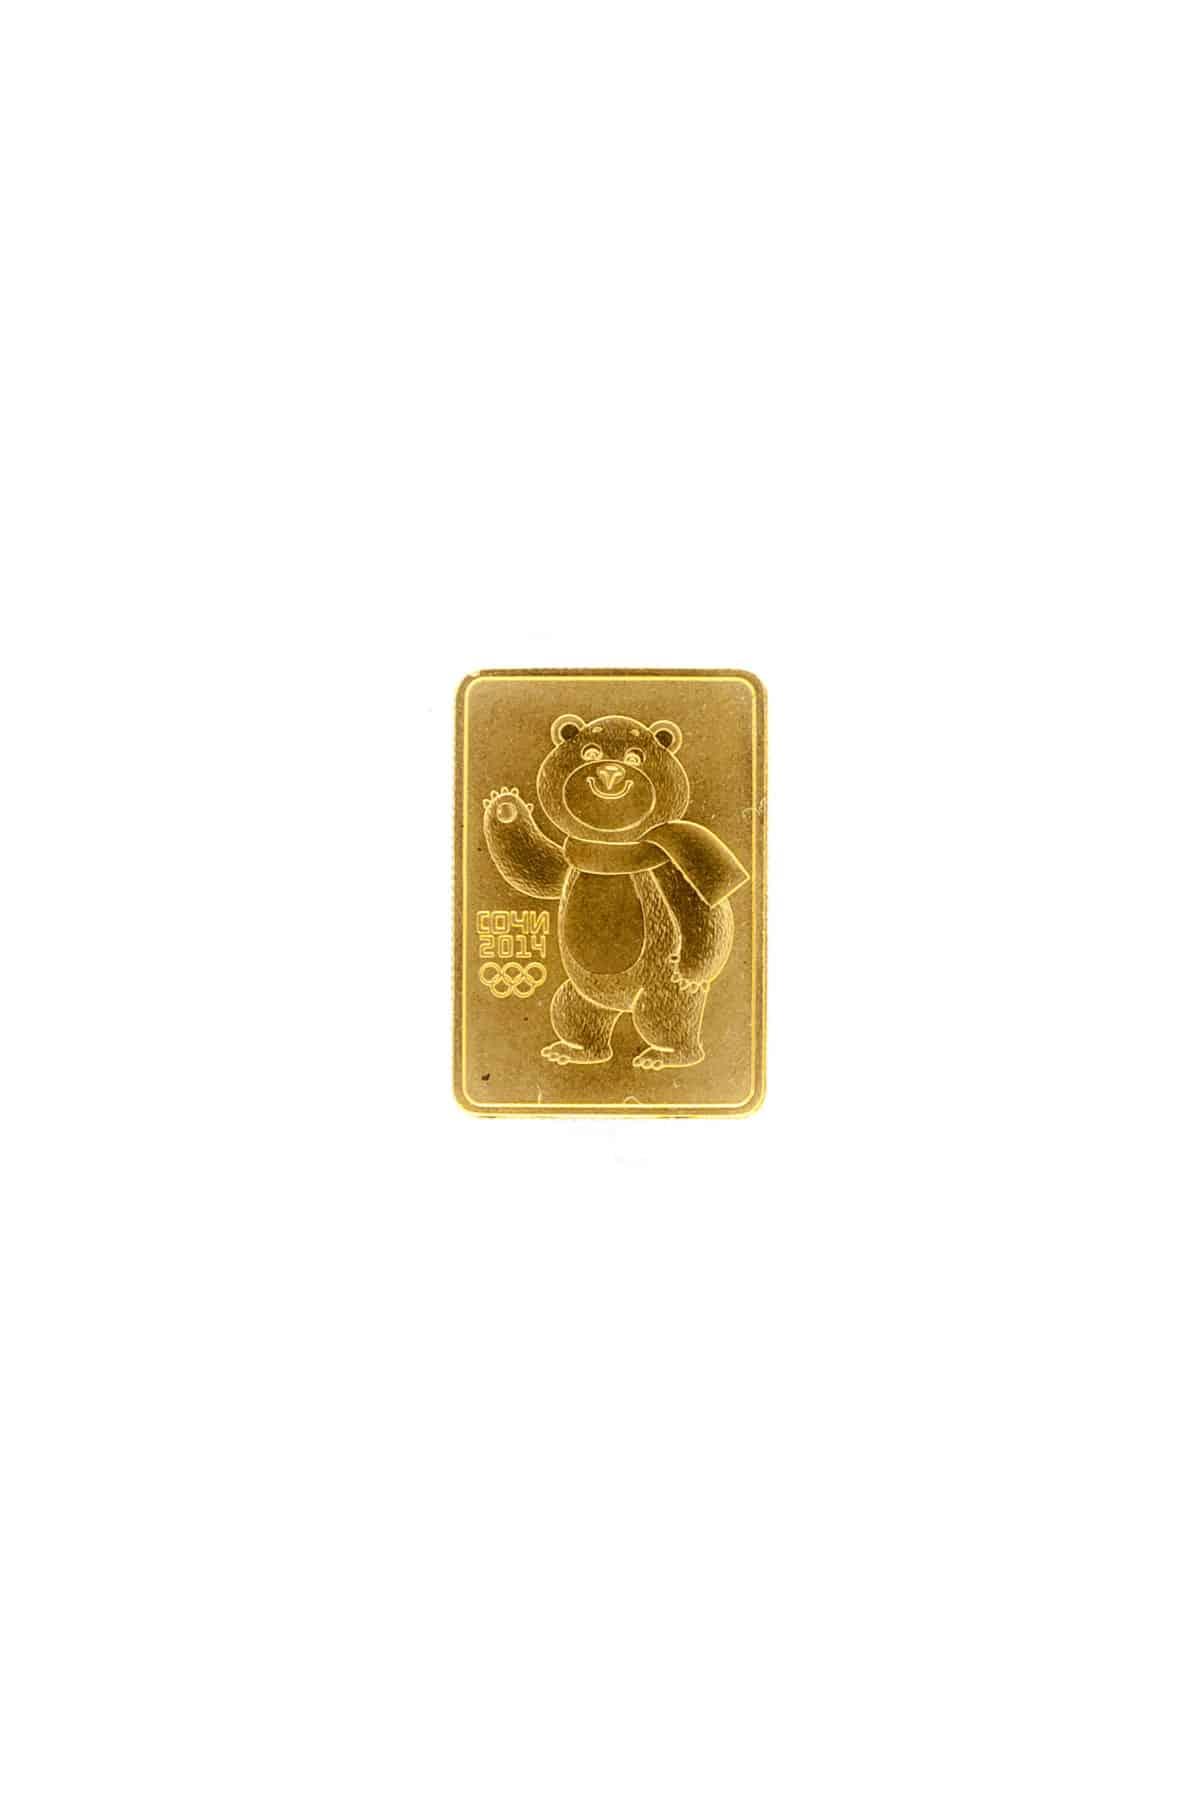 zolotaya moneta pyatdesyat rubley